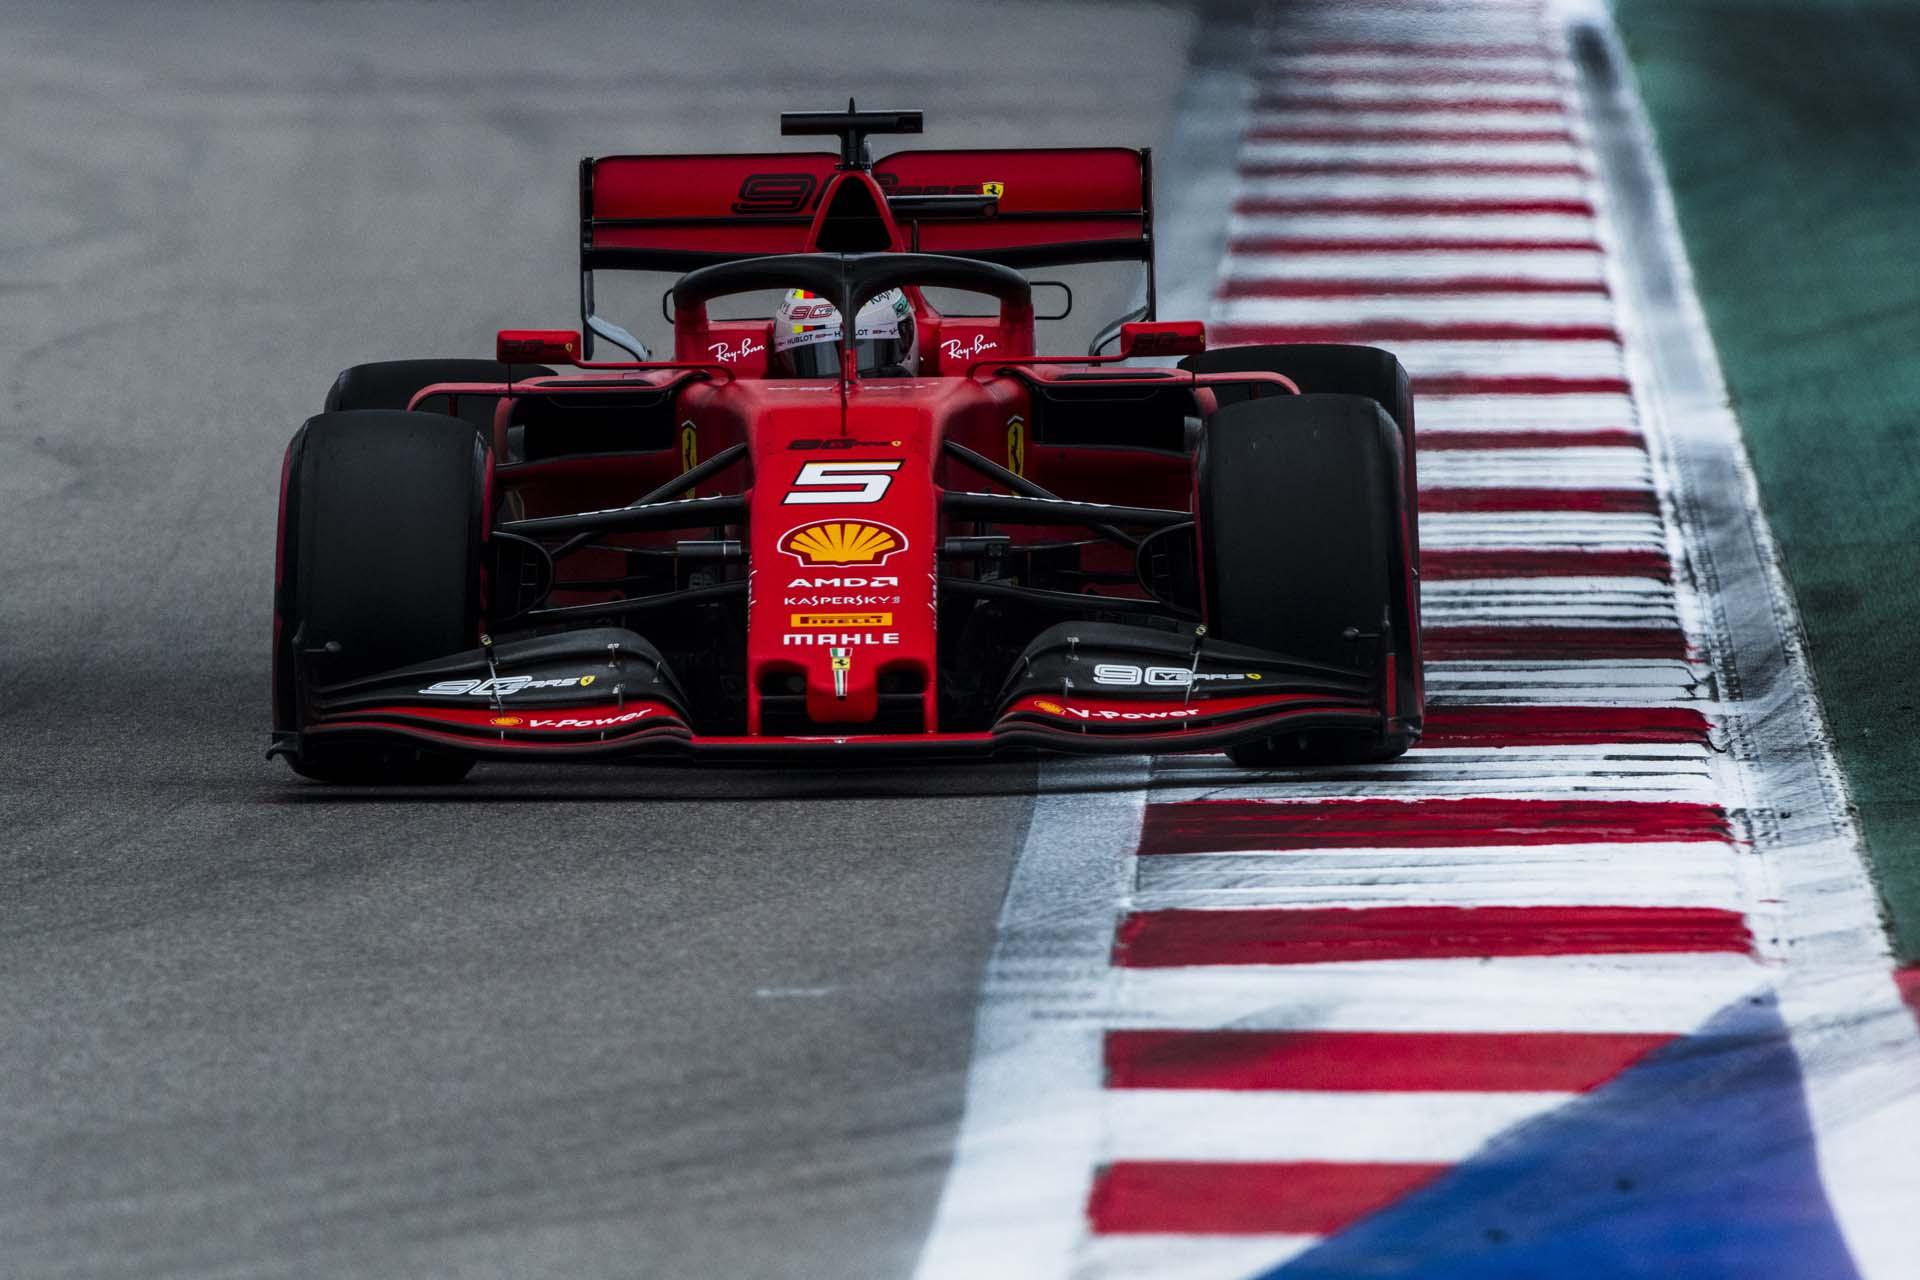 RussianGP2019_FRI_Ferrari_190012_rus